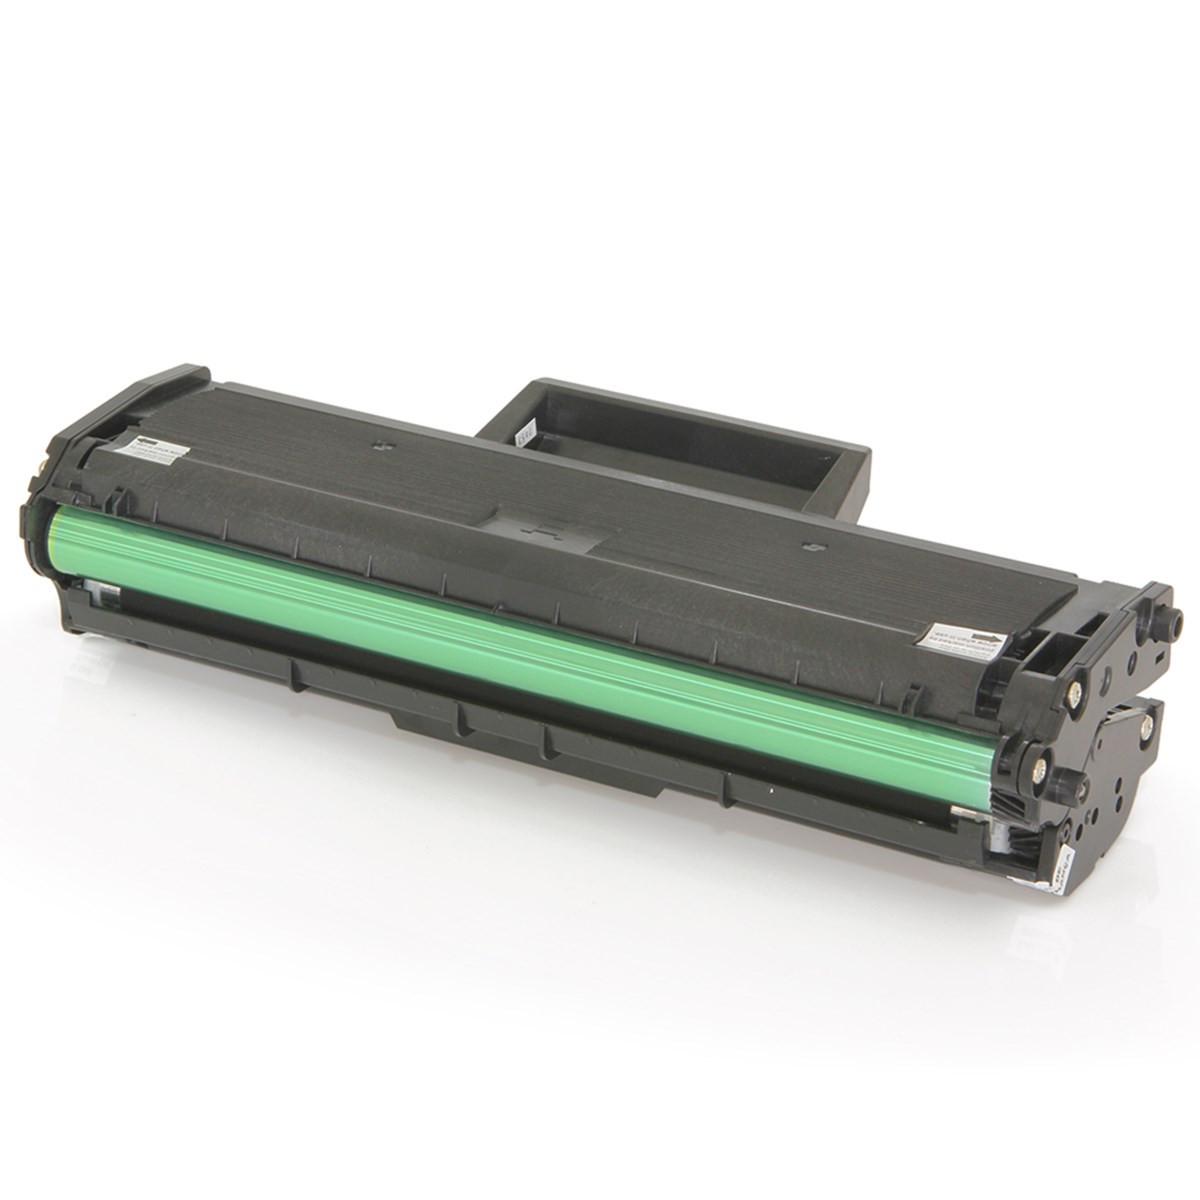 Toner Compatível Samsung MLT-D101S 101S | ML2160 ML2161 ML2165 SCX3400 SCX3401 Premium Quality 1.5k